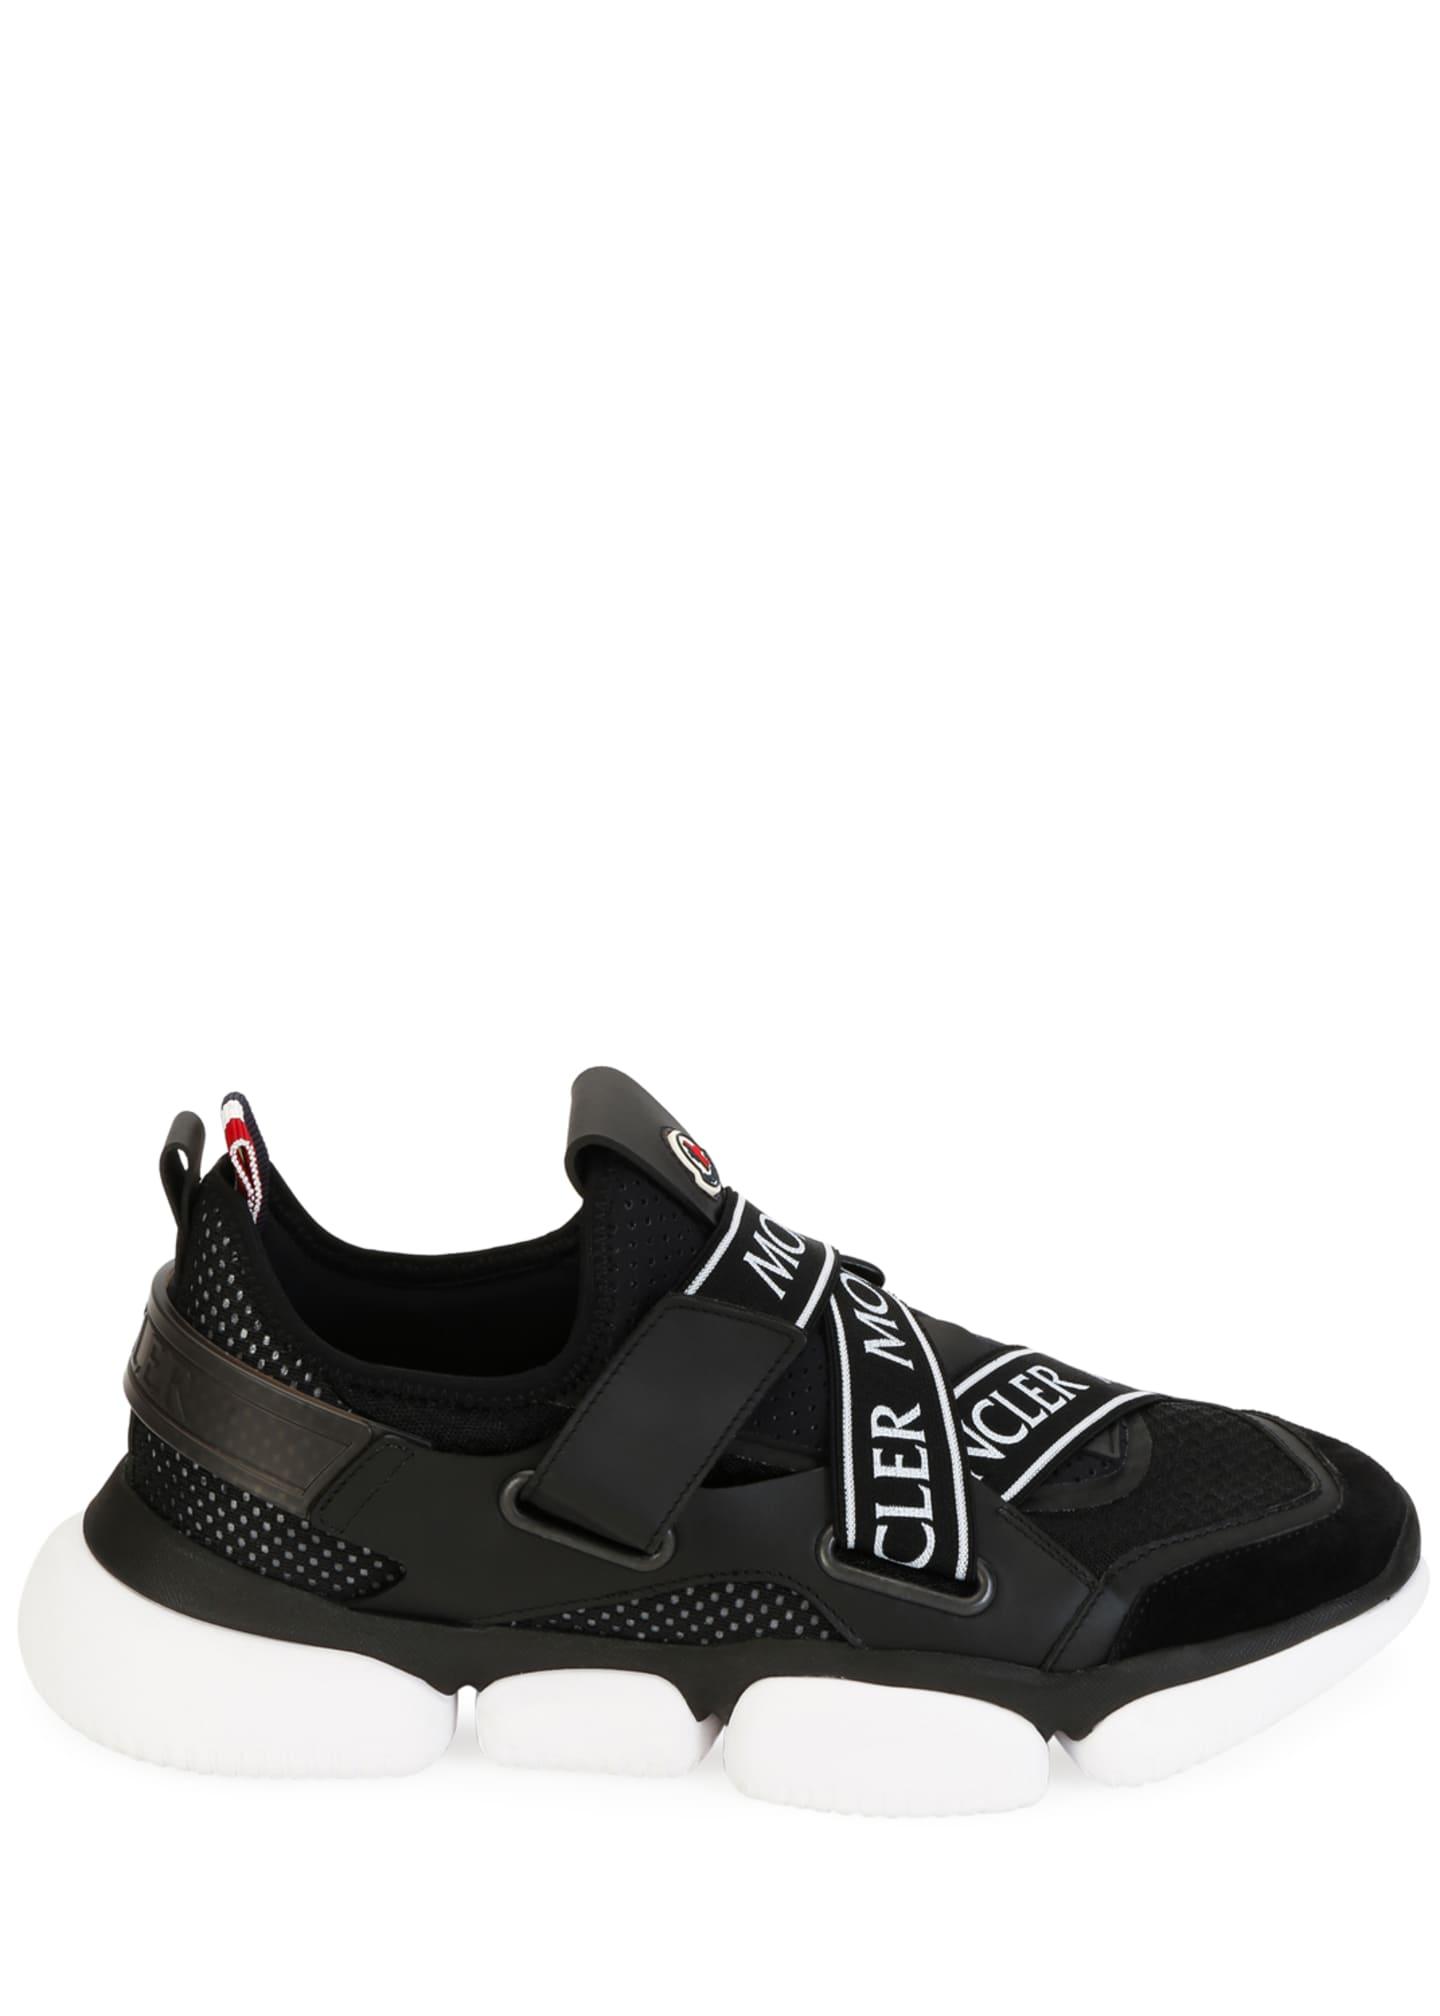 Men's Bakary Scarpa Running Sneakers